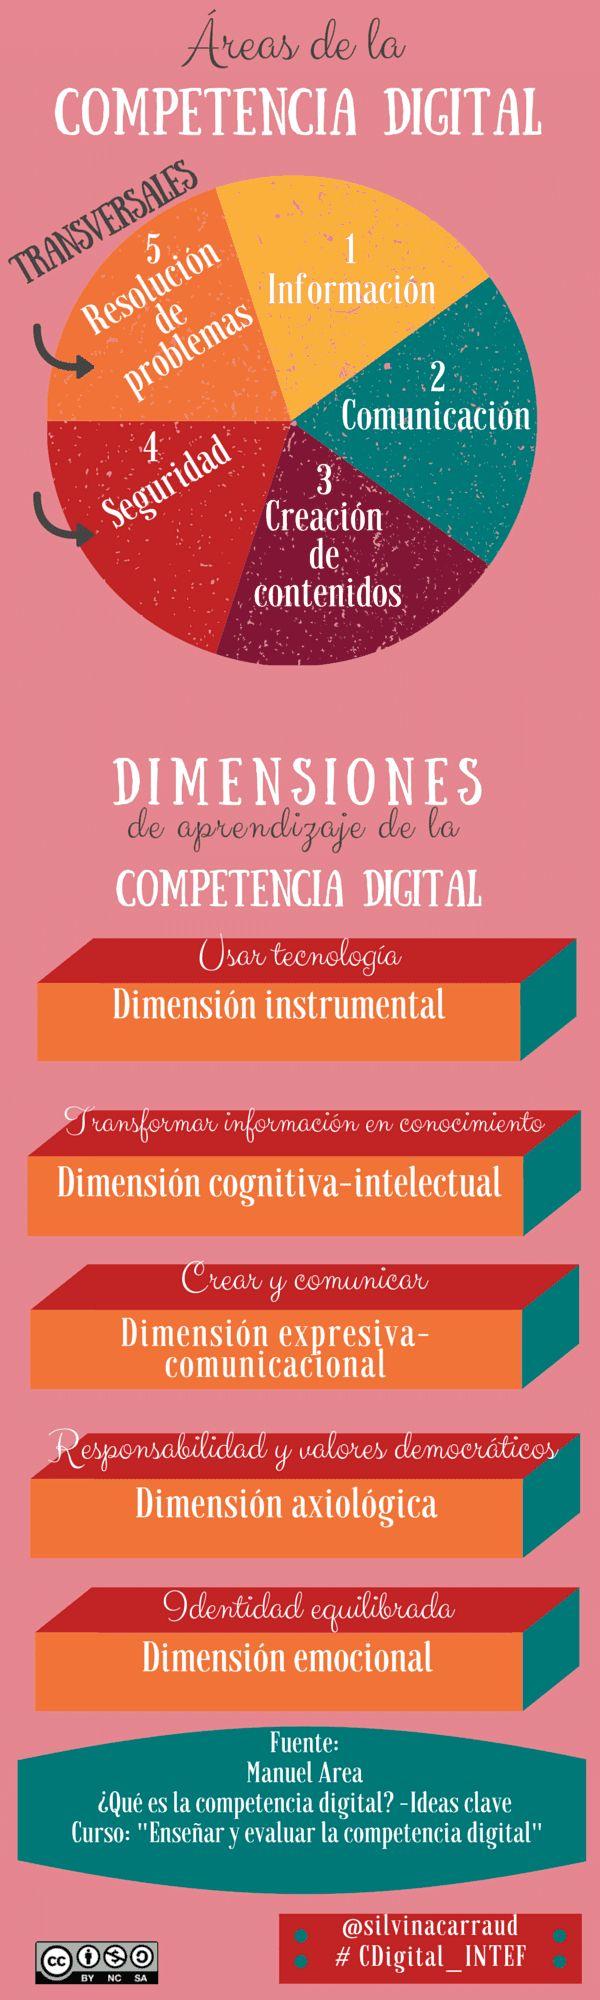 """Hola: Compartimos una interesante infografía sobre """"Competencia Digital - Áreas y Dimensiones de Aprendizaje"""" Un gran saludo.  Visto en: compartirintereses.wordpress.com  También le pue..."""